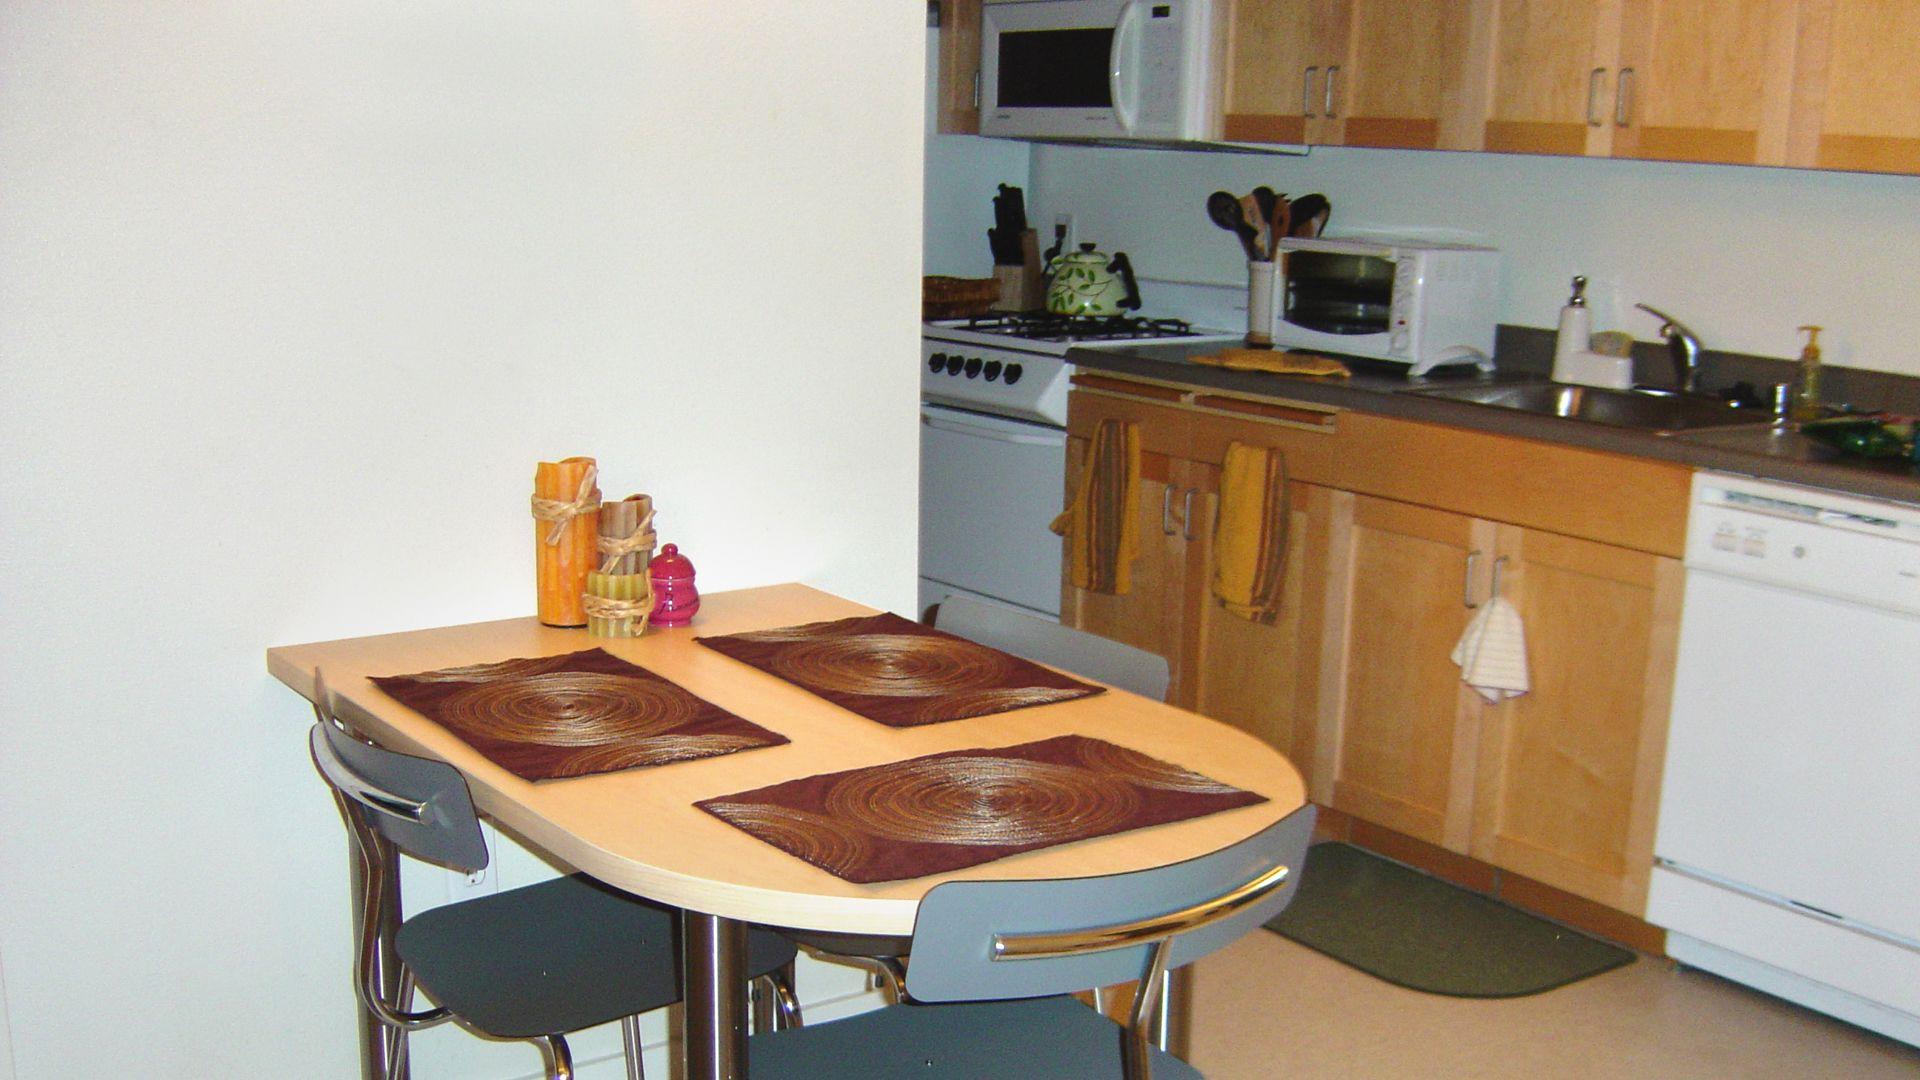 Acton Courtyard Apartments - Kitchen